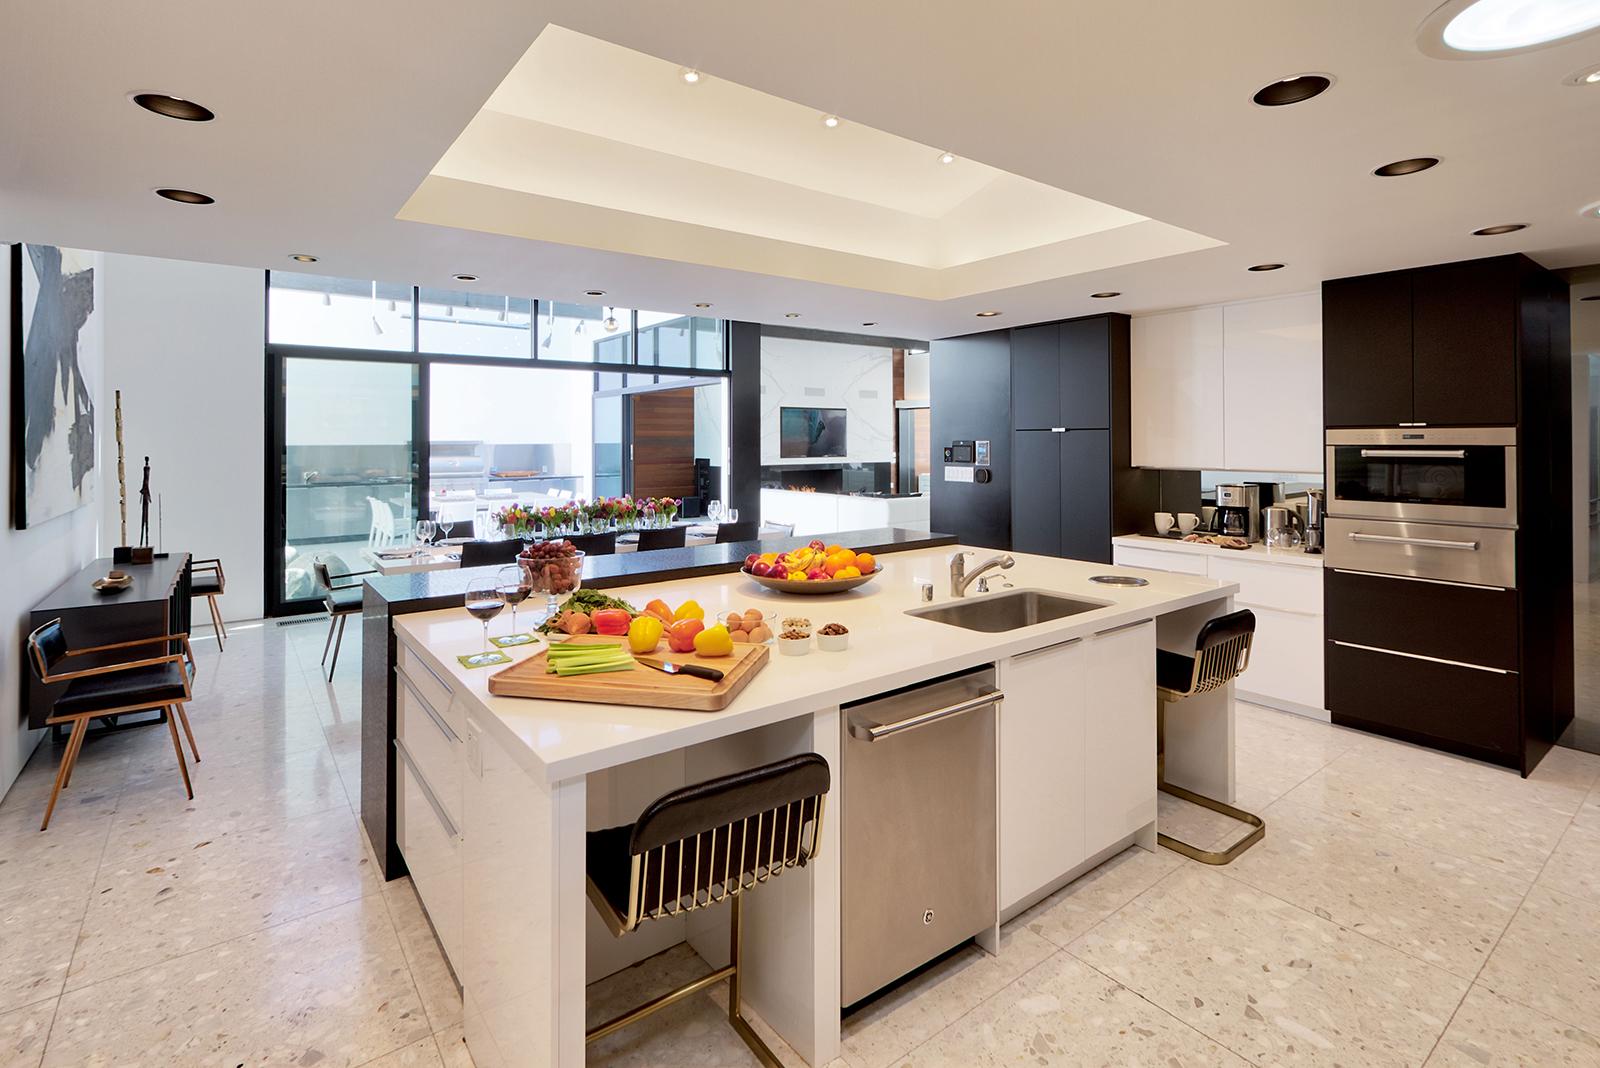 C_Kitchen-Dining.jpg